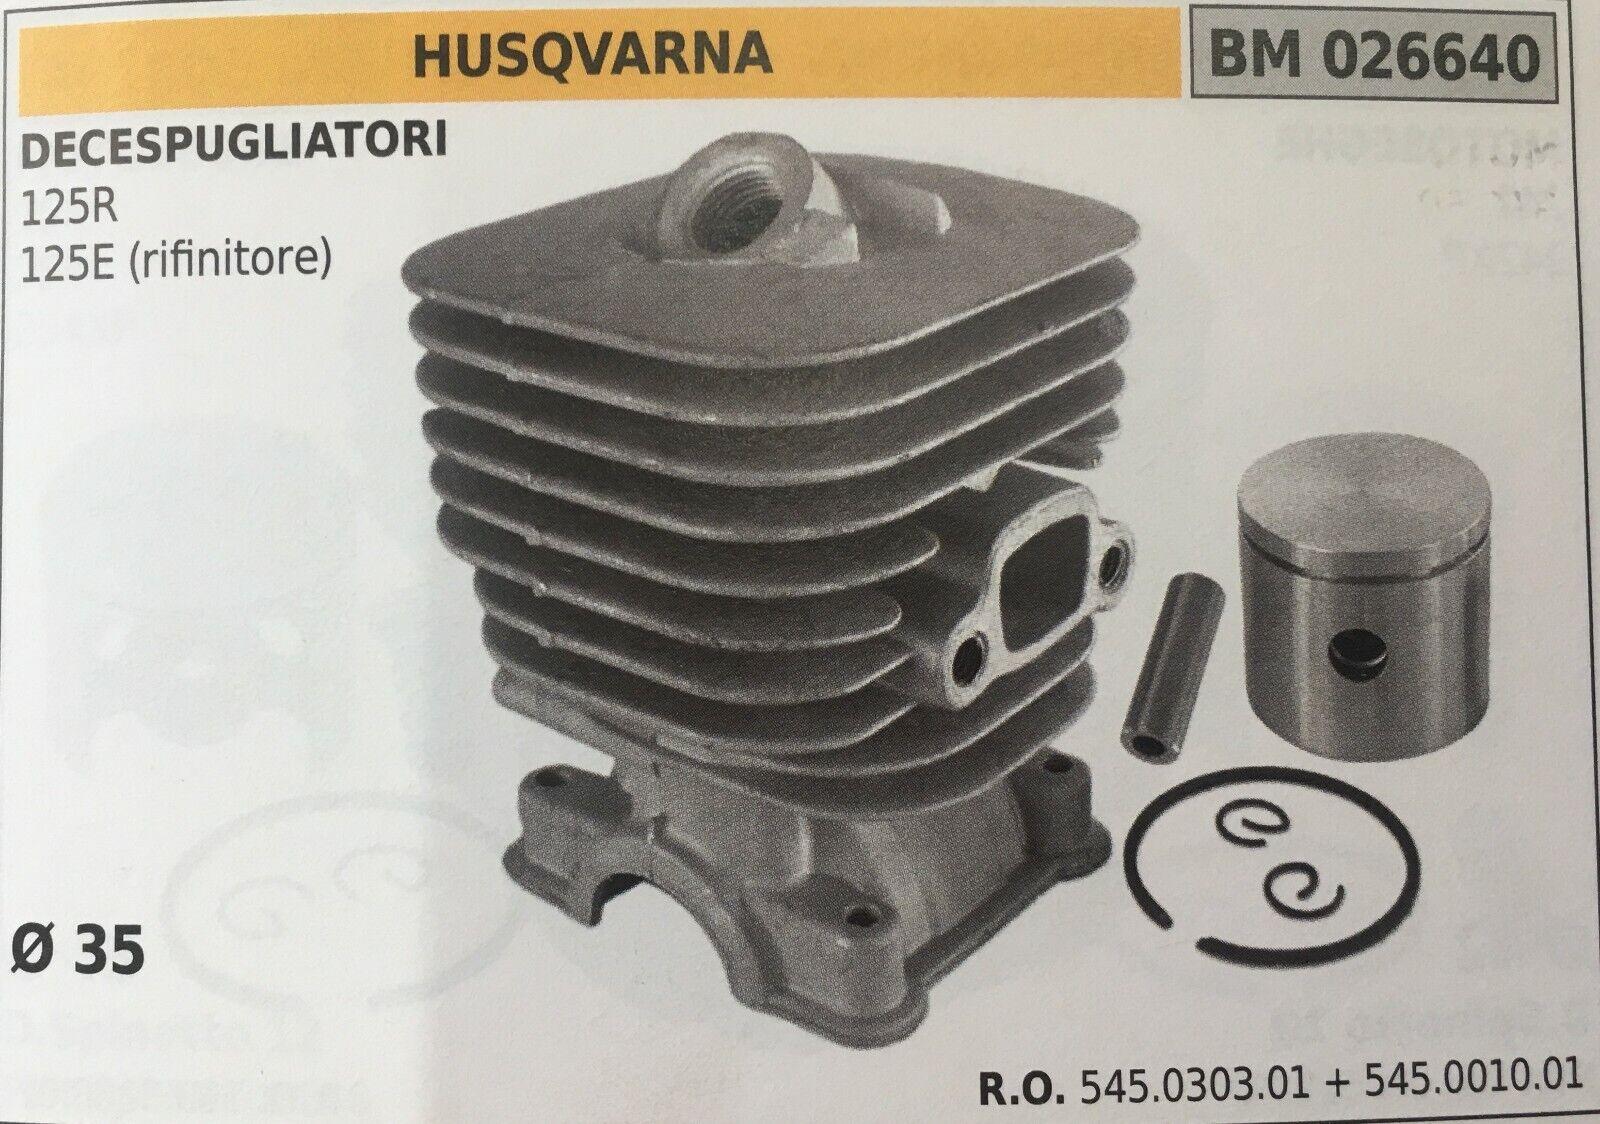 Cilindro Completo por Pistón y Segmentos Brumar BM026640 Husqvarna